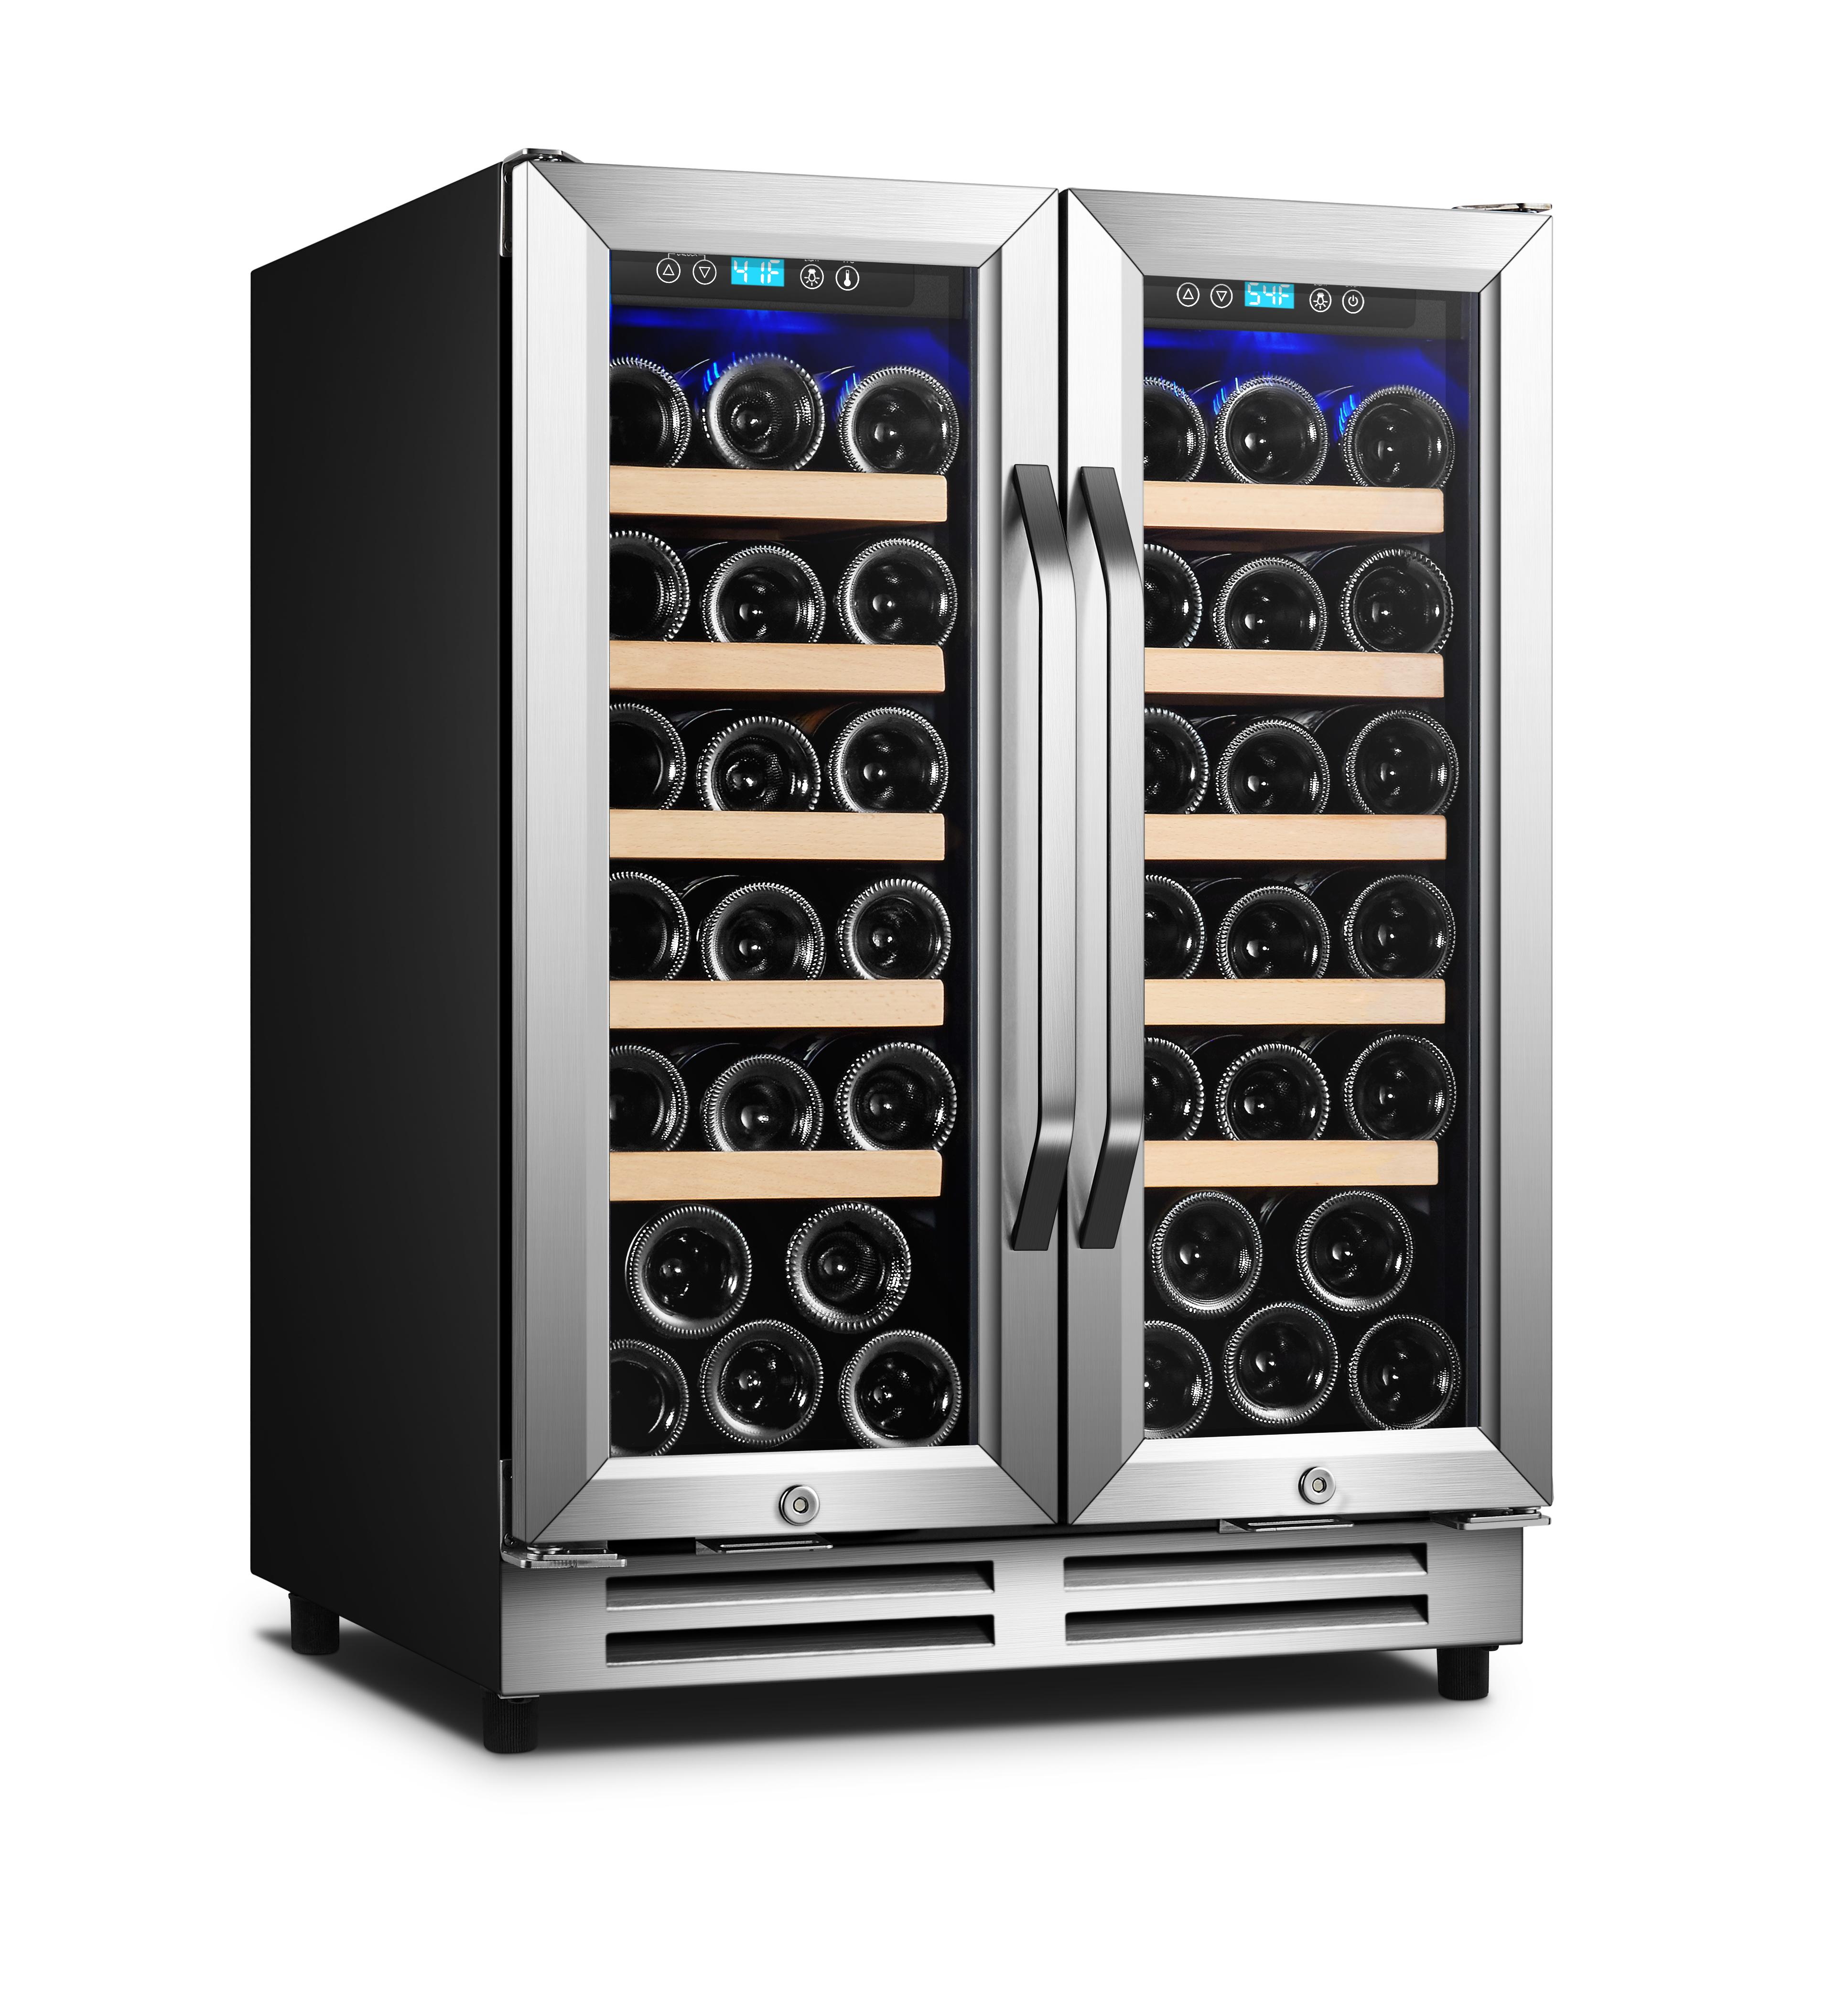 24 inch dual zone french door wine cooler